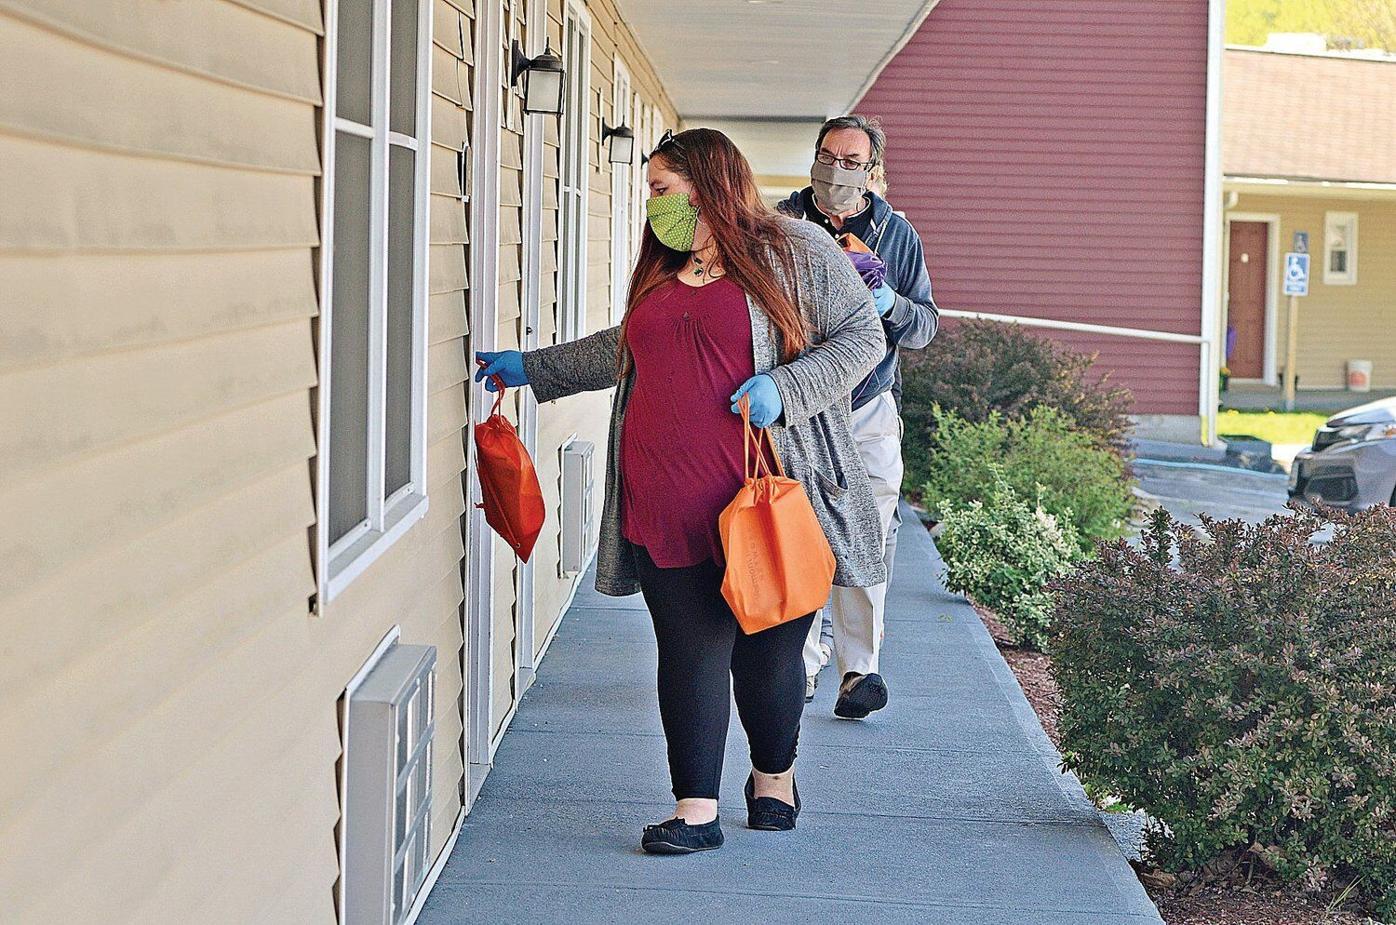 Going door-to-door to save lives